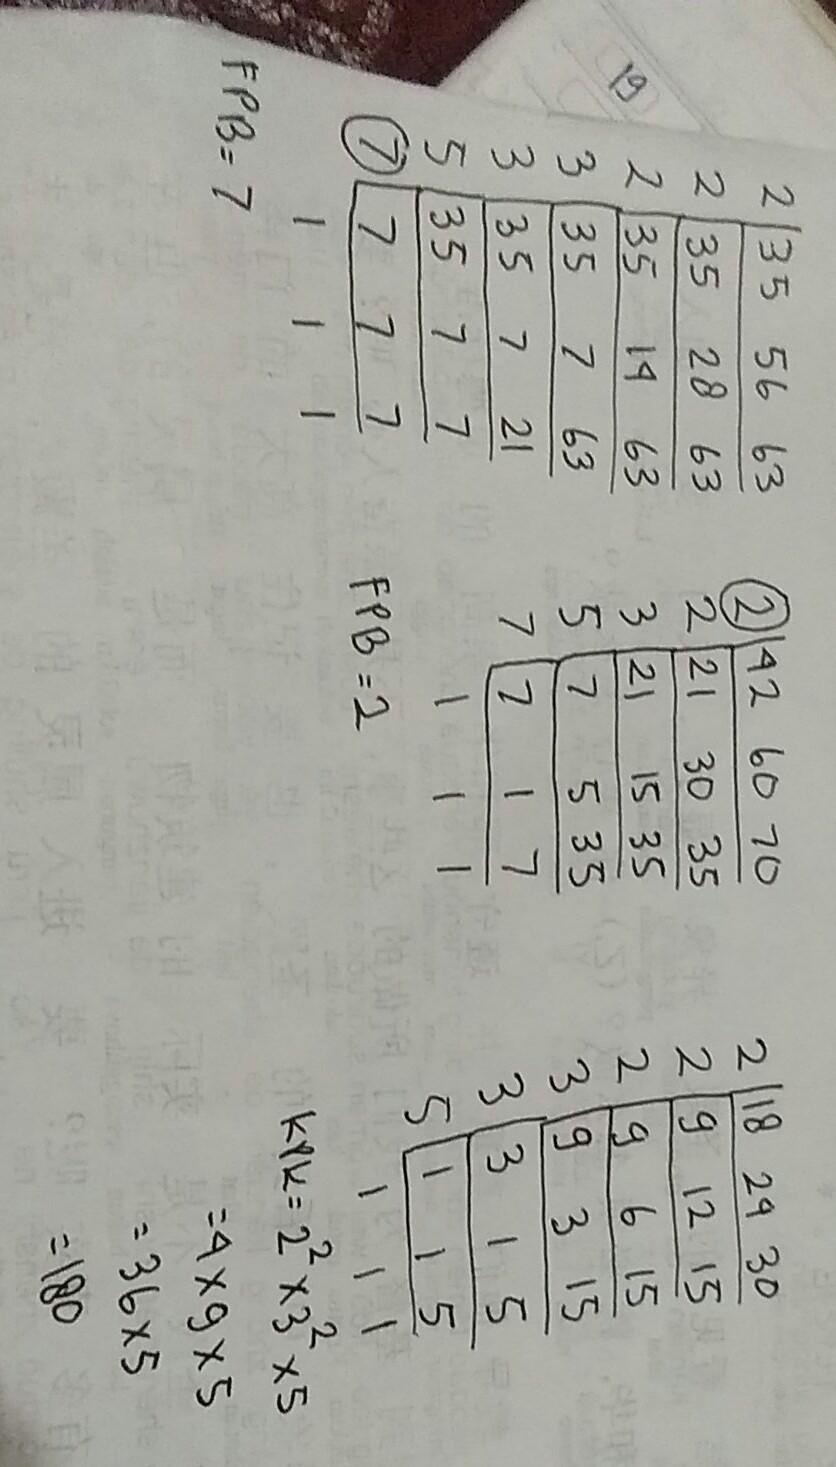 Cara Mencari Faktor Persekutuan Terbesar : mencari, faktor, persekutuan, terbesar, Pakai, Cara!!1.faktor, Persekutuan, Terbesar, 35,56,dan, Adah2.fpb, 42,60,, &70, Adalah3., Brainly.co.id